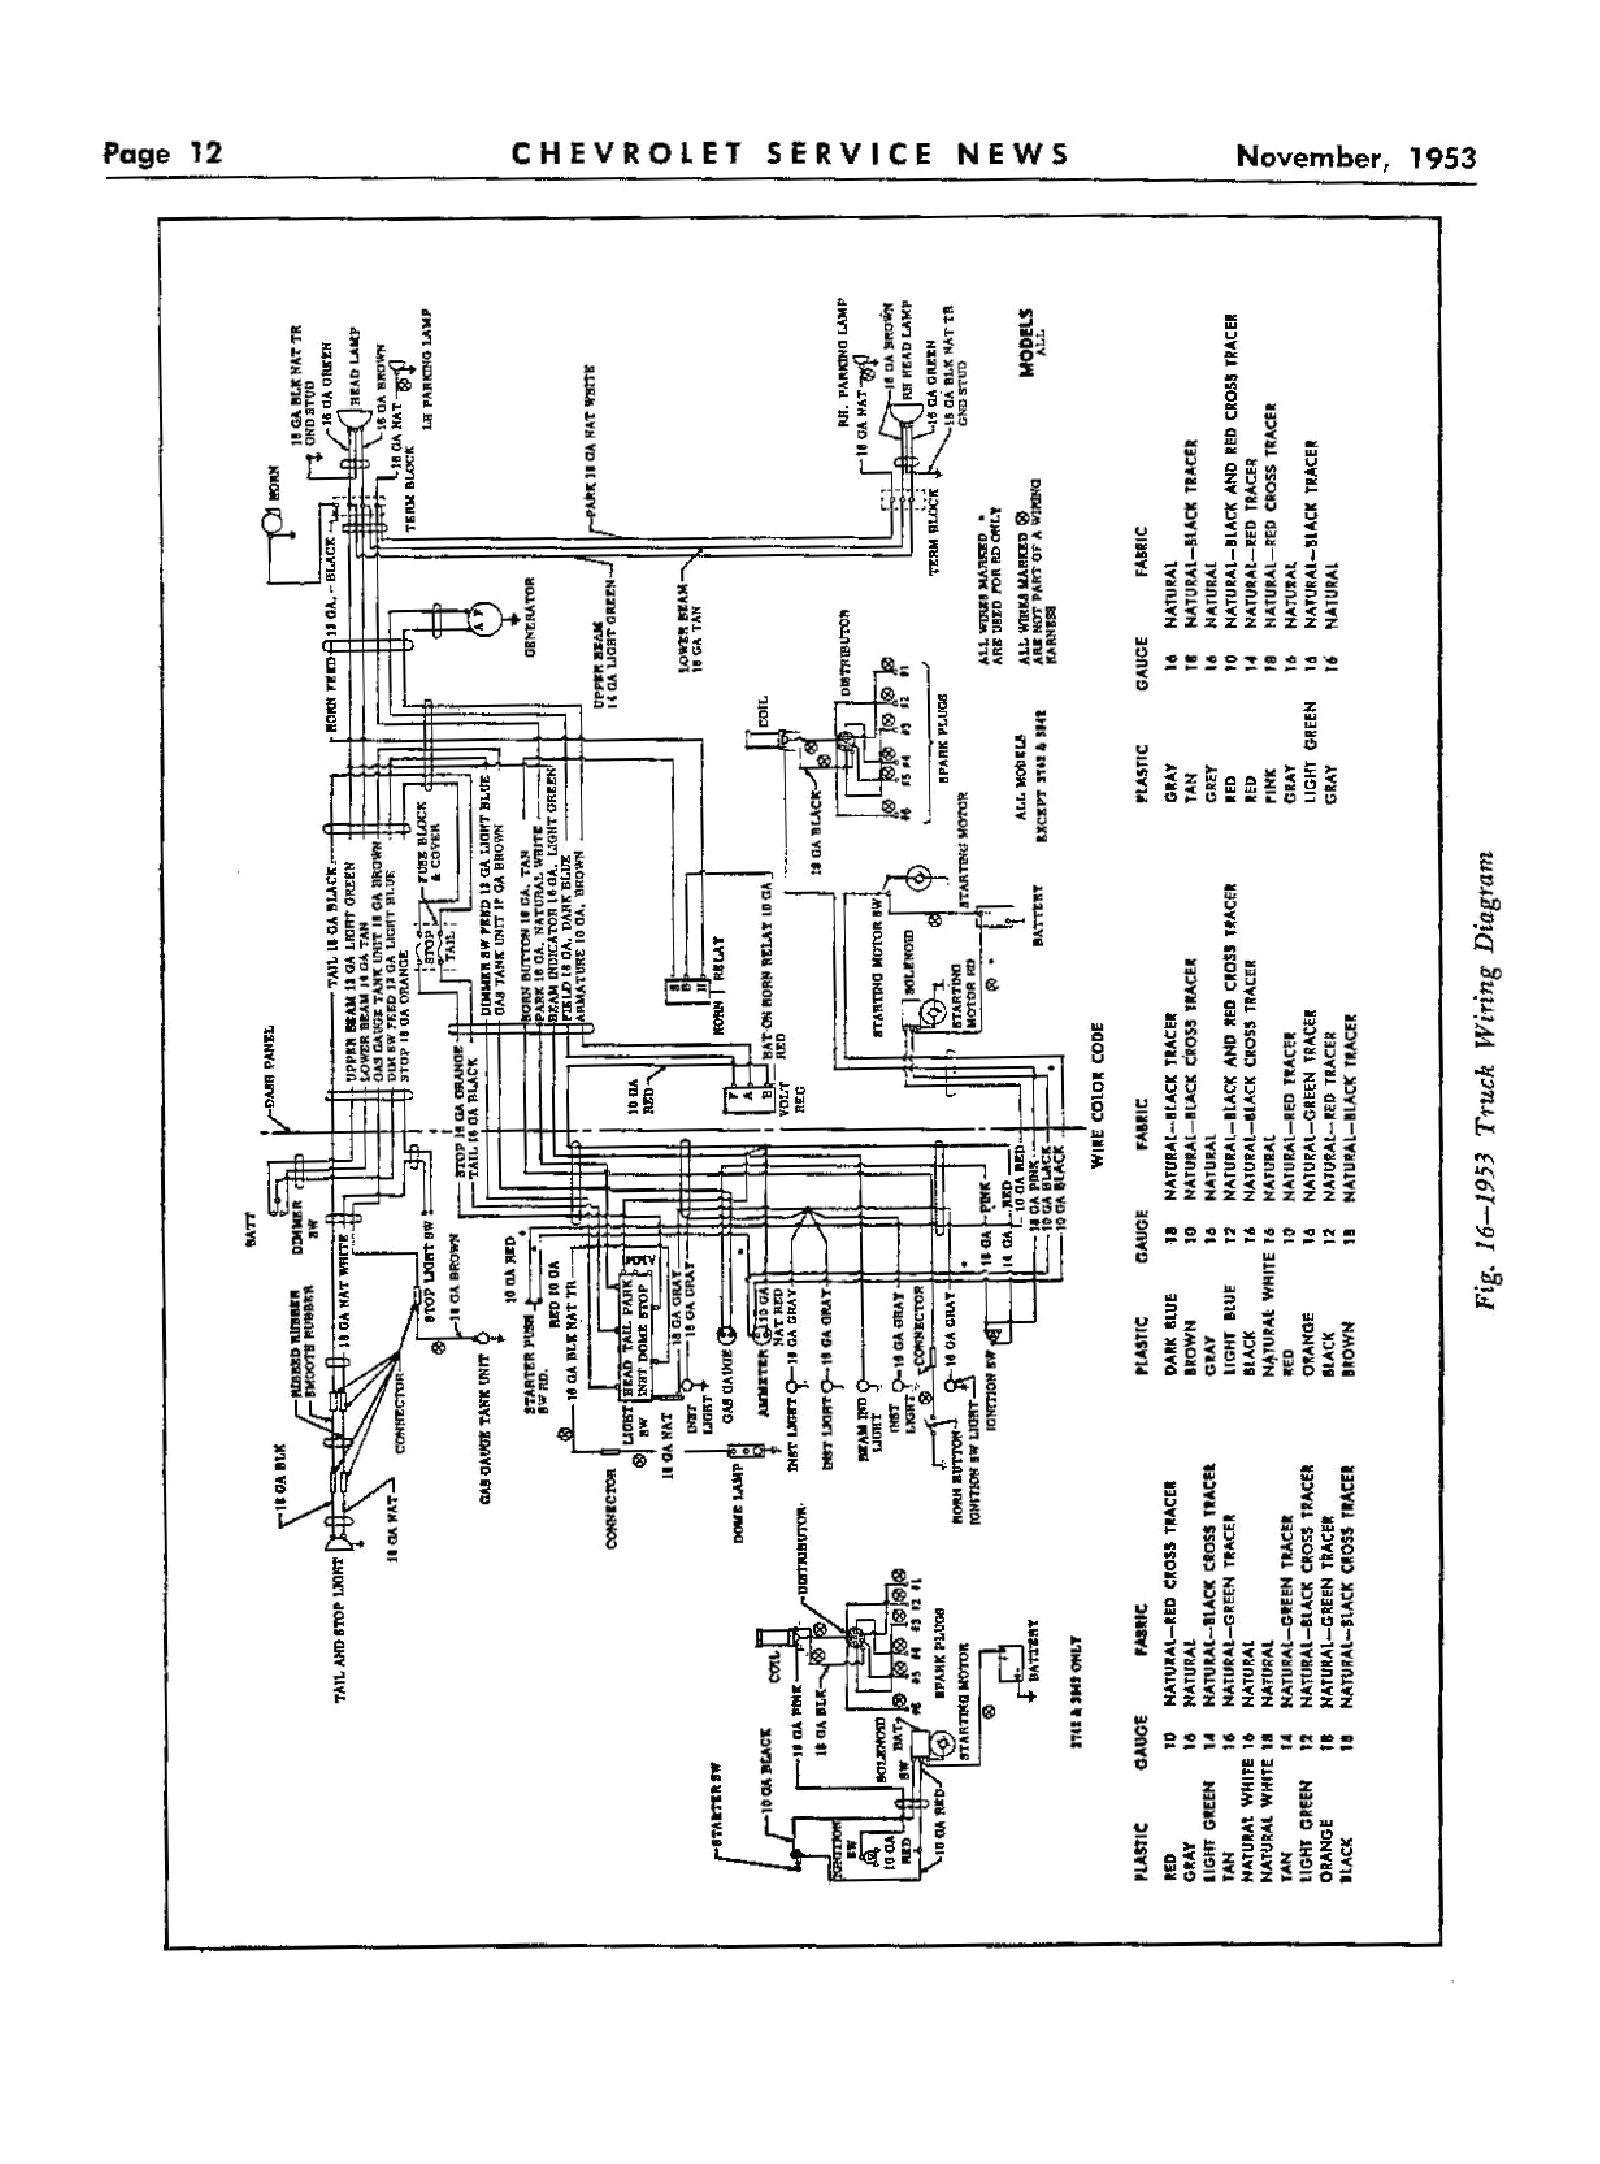 Freightliner Starter Solenoid Wiring | Wiring Diagram - Freightliner Starter Solenoid Wiring Diagram